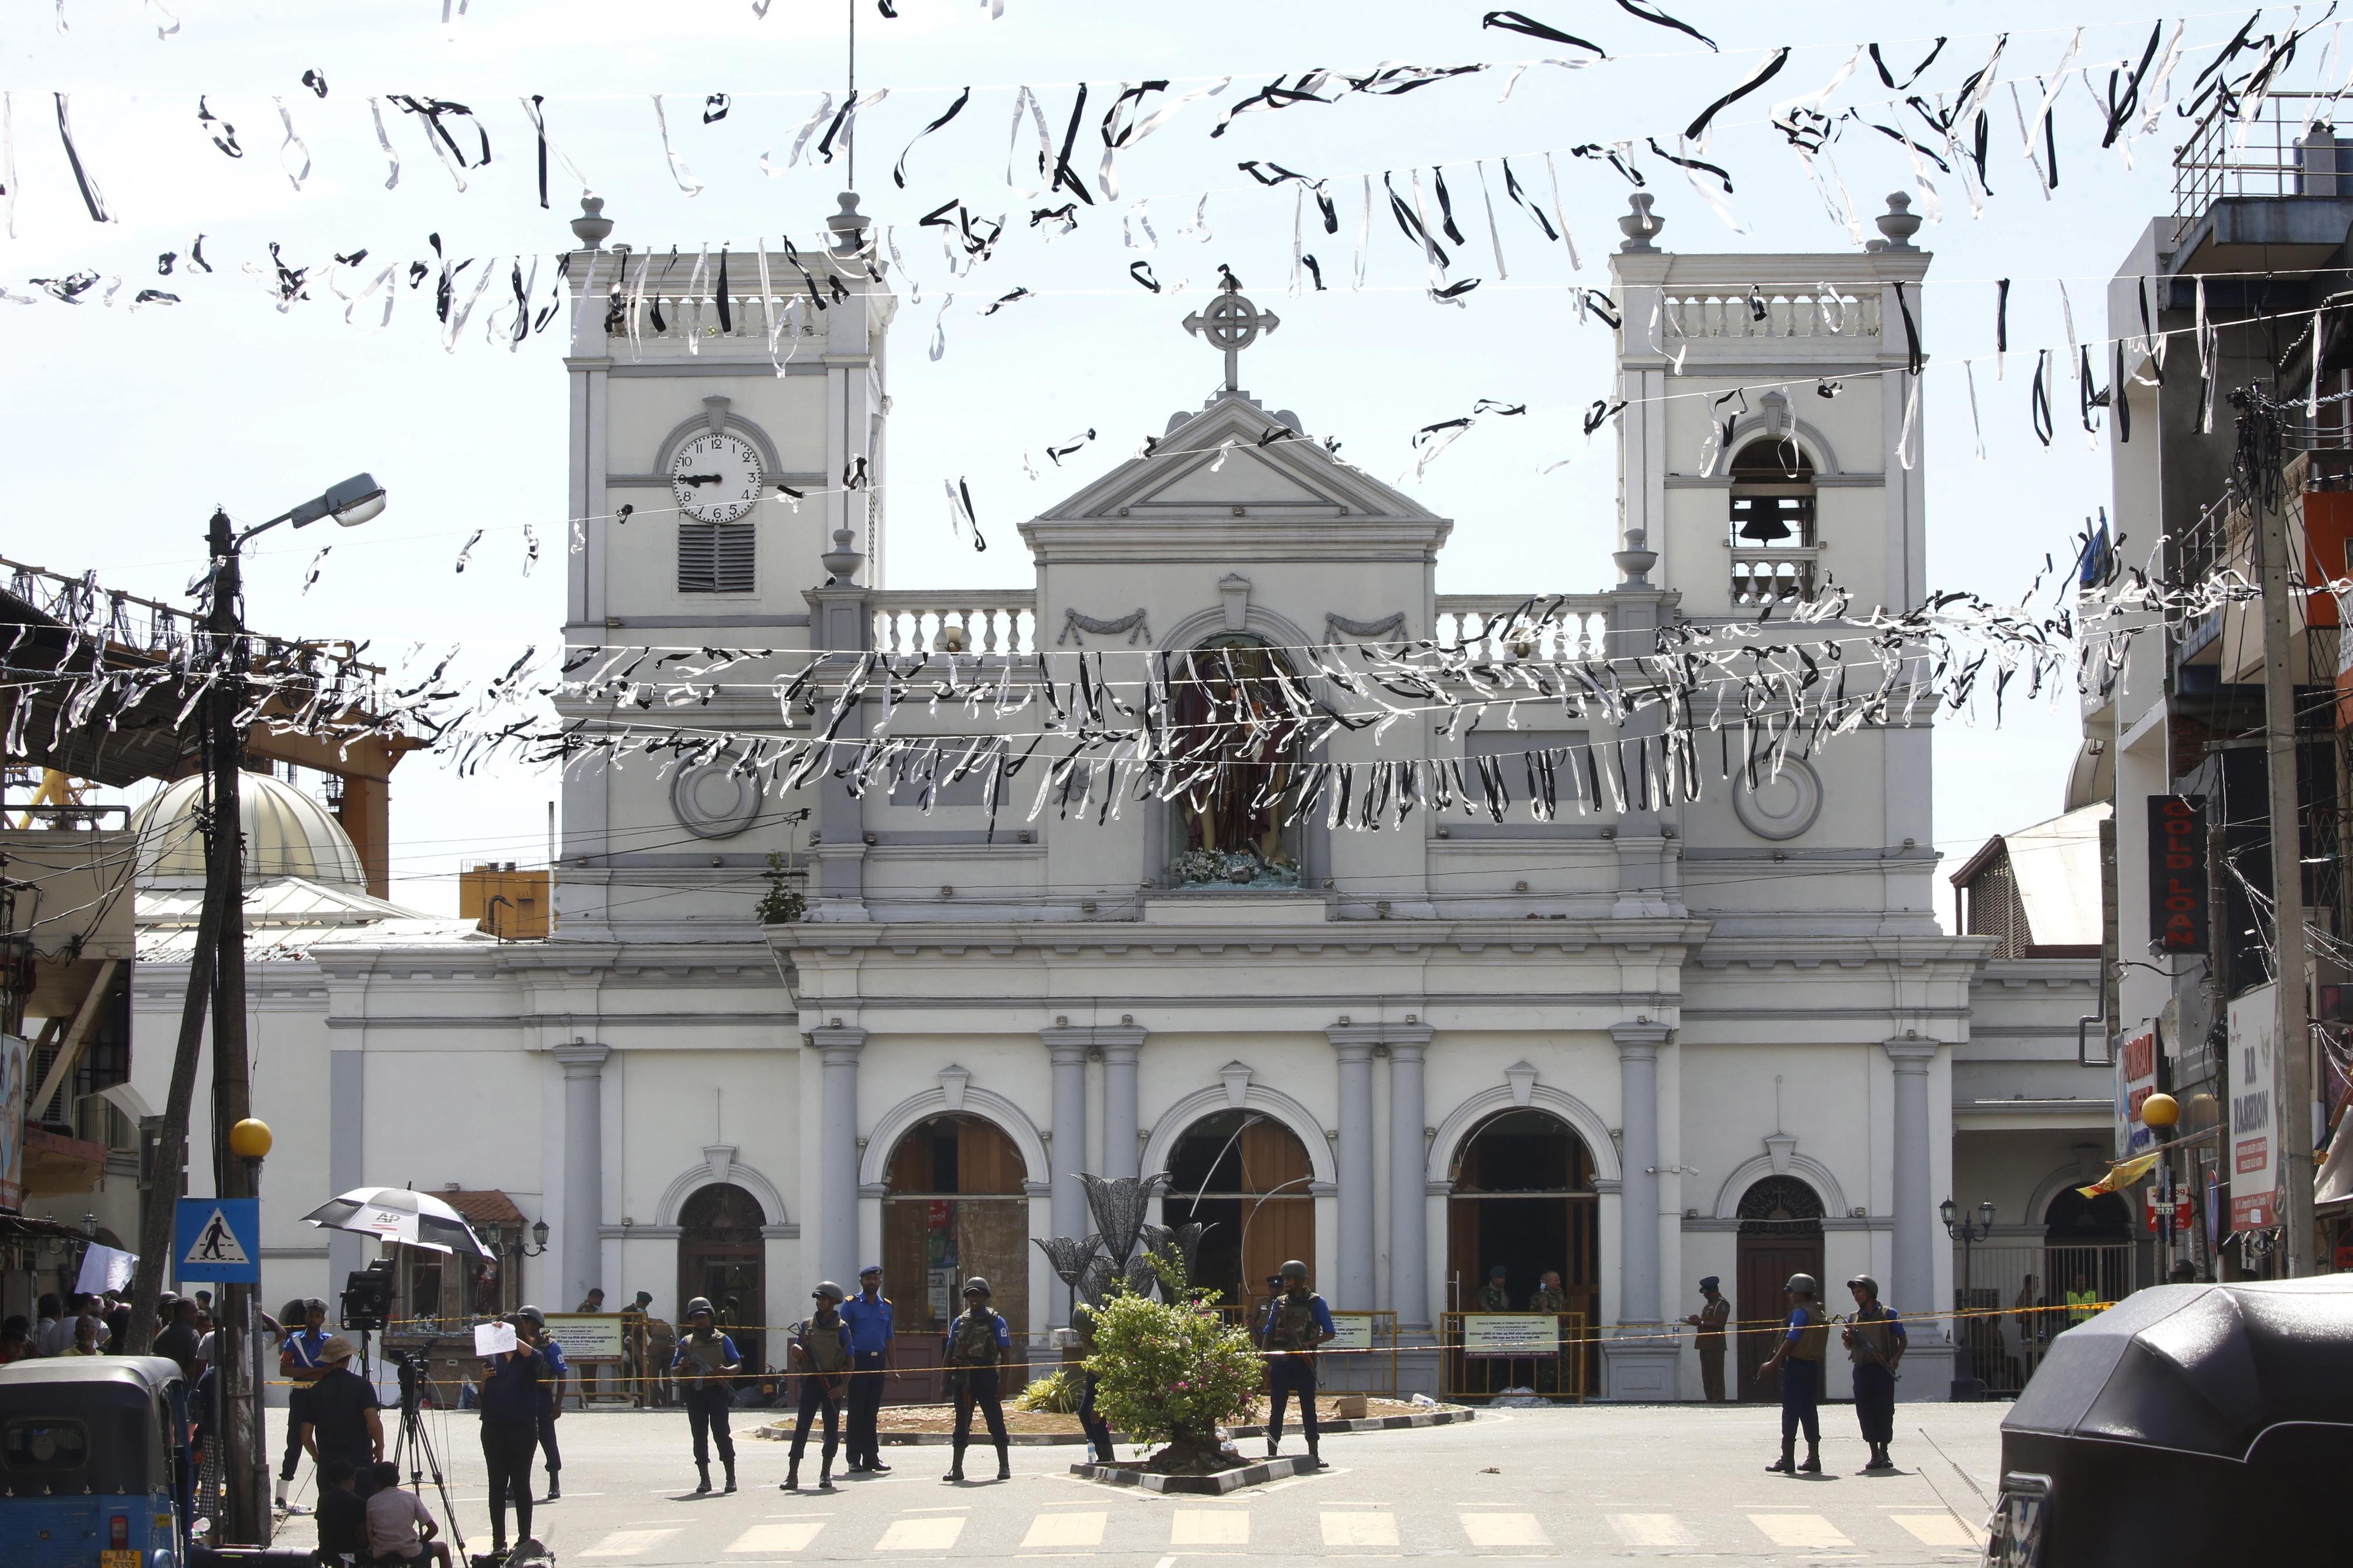 Igrejas no Sri Lanka vão permanecer fechadas até situação se segurança melhorar